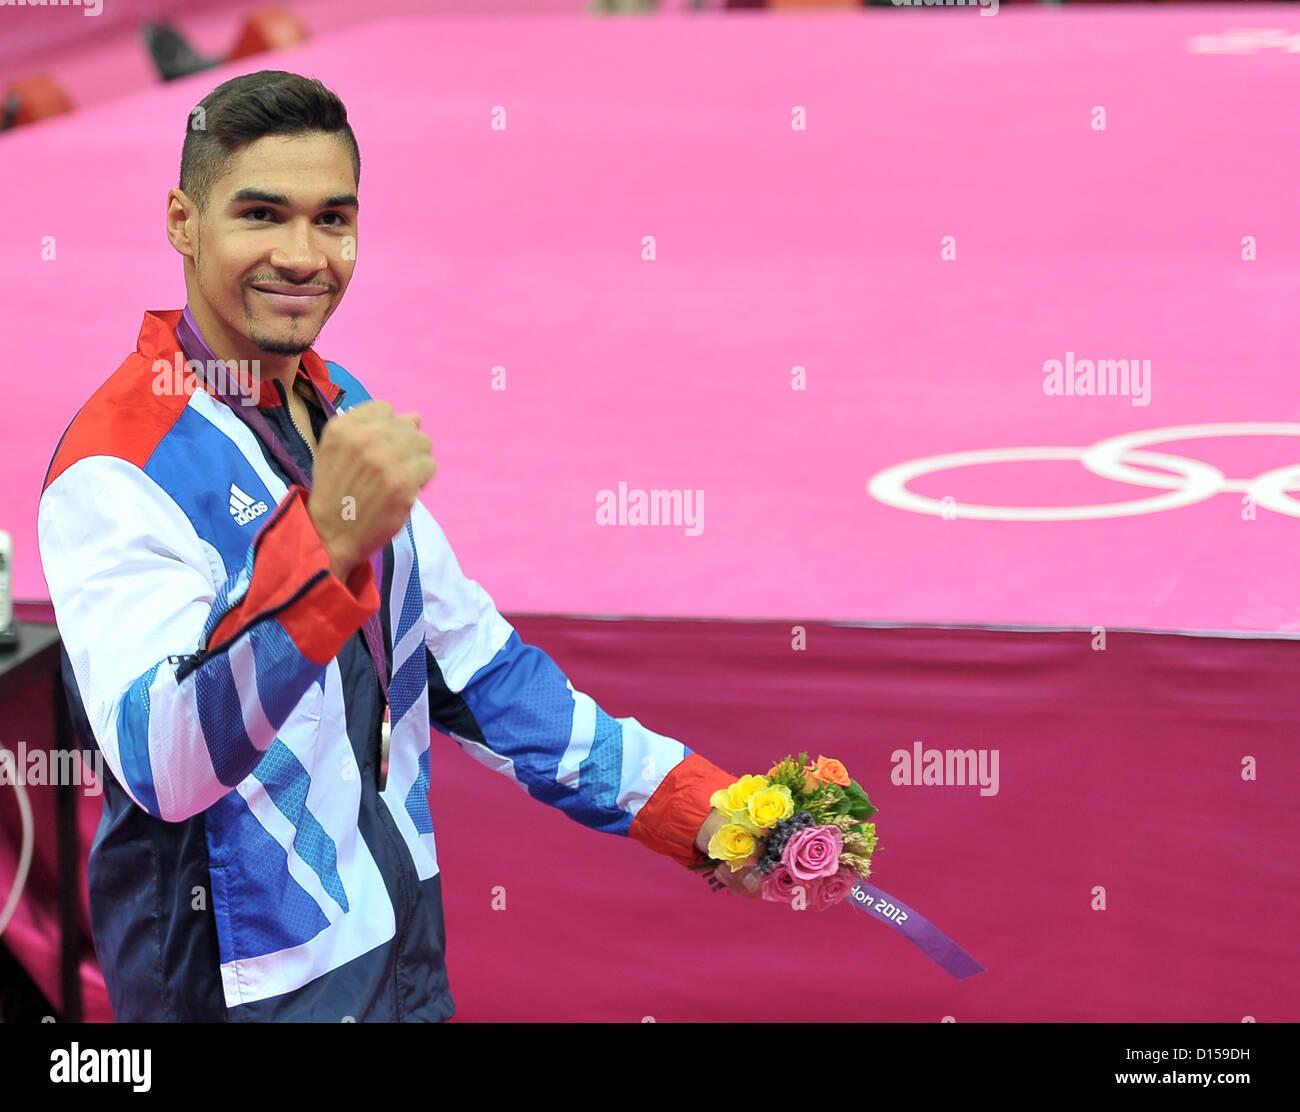 Louis Smith (GBR, Gran Bretaña) perfora el aire después de recibir su medalla de plata. Gimnasia individual Imagen De Stock